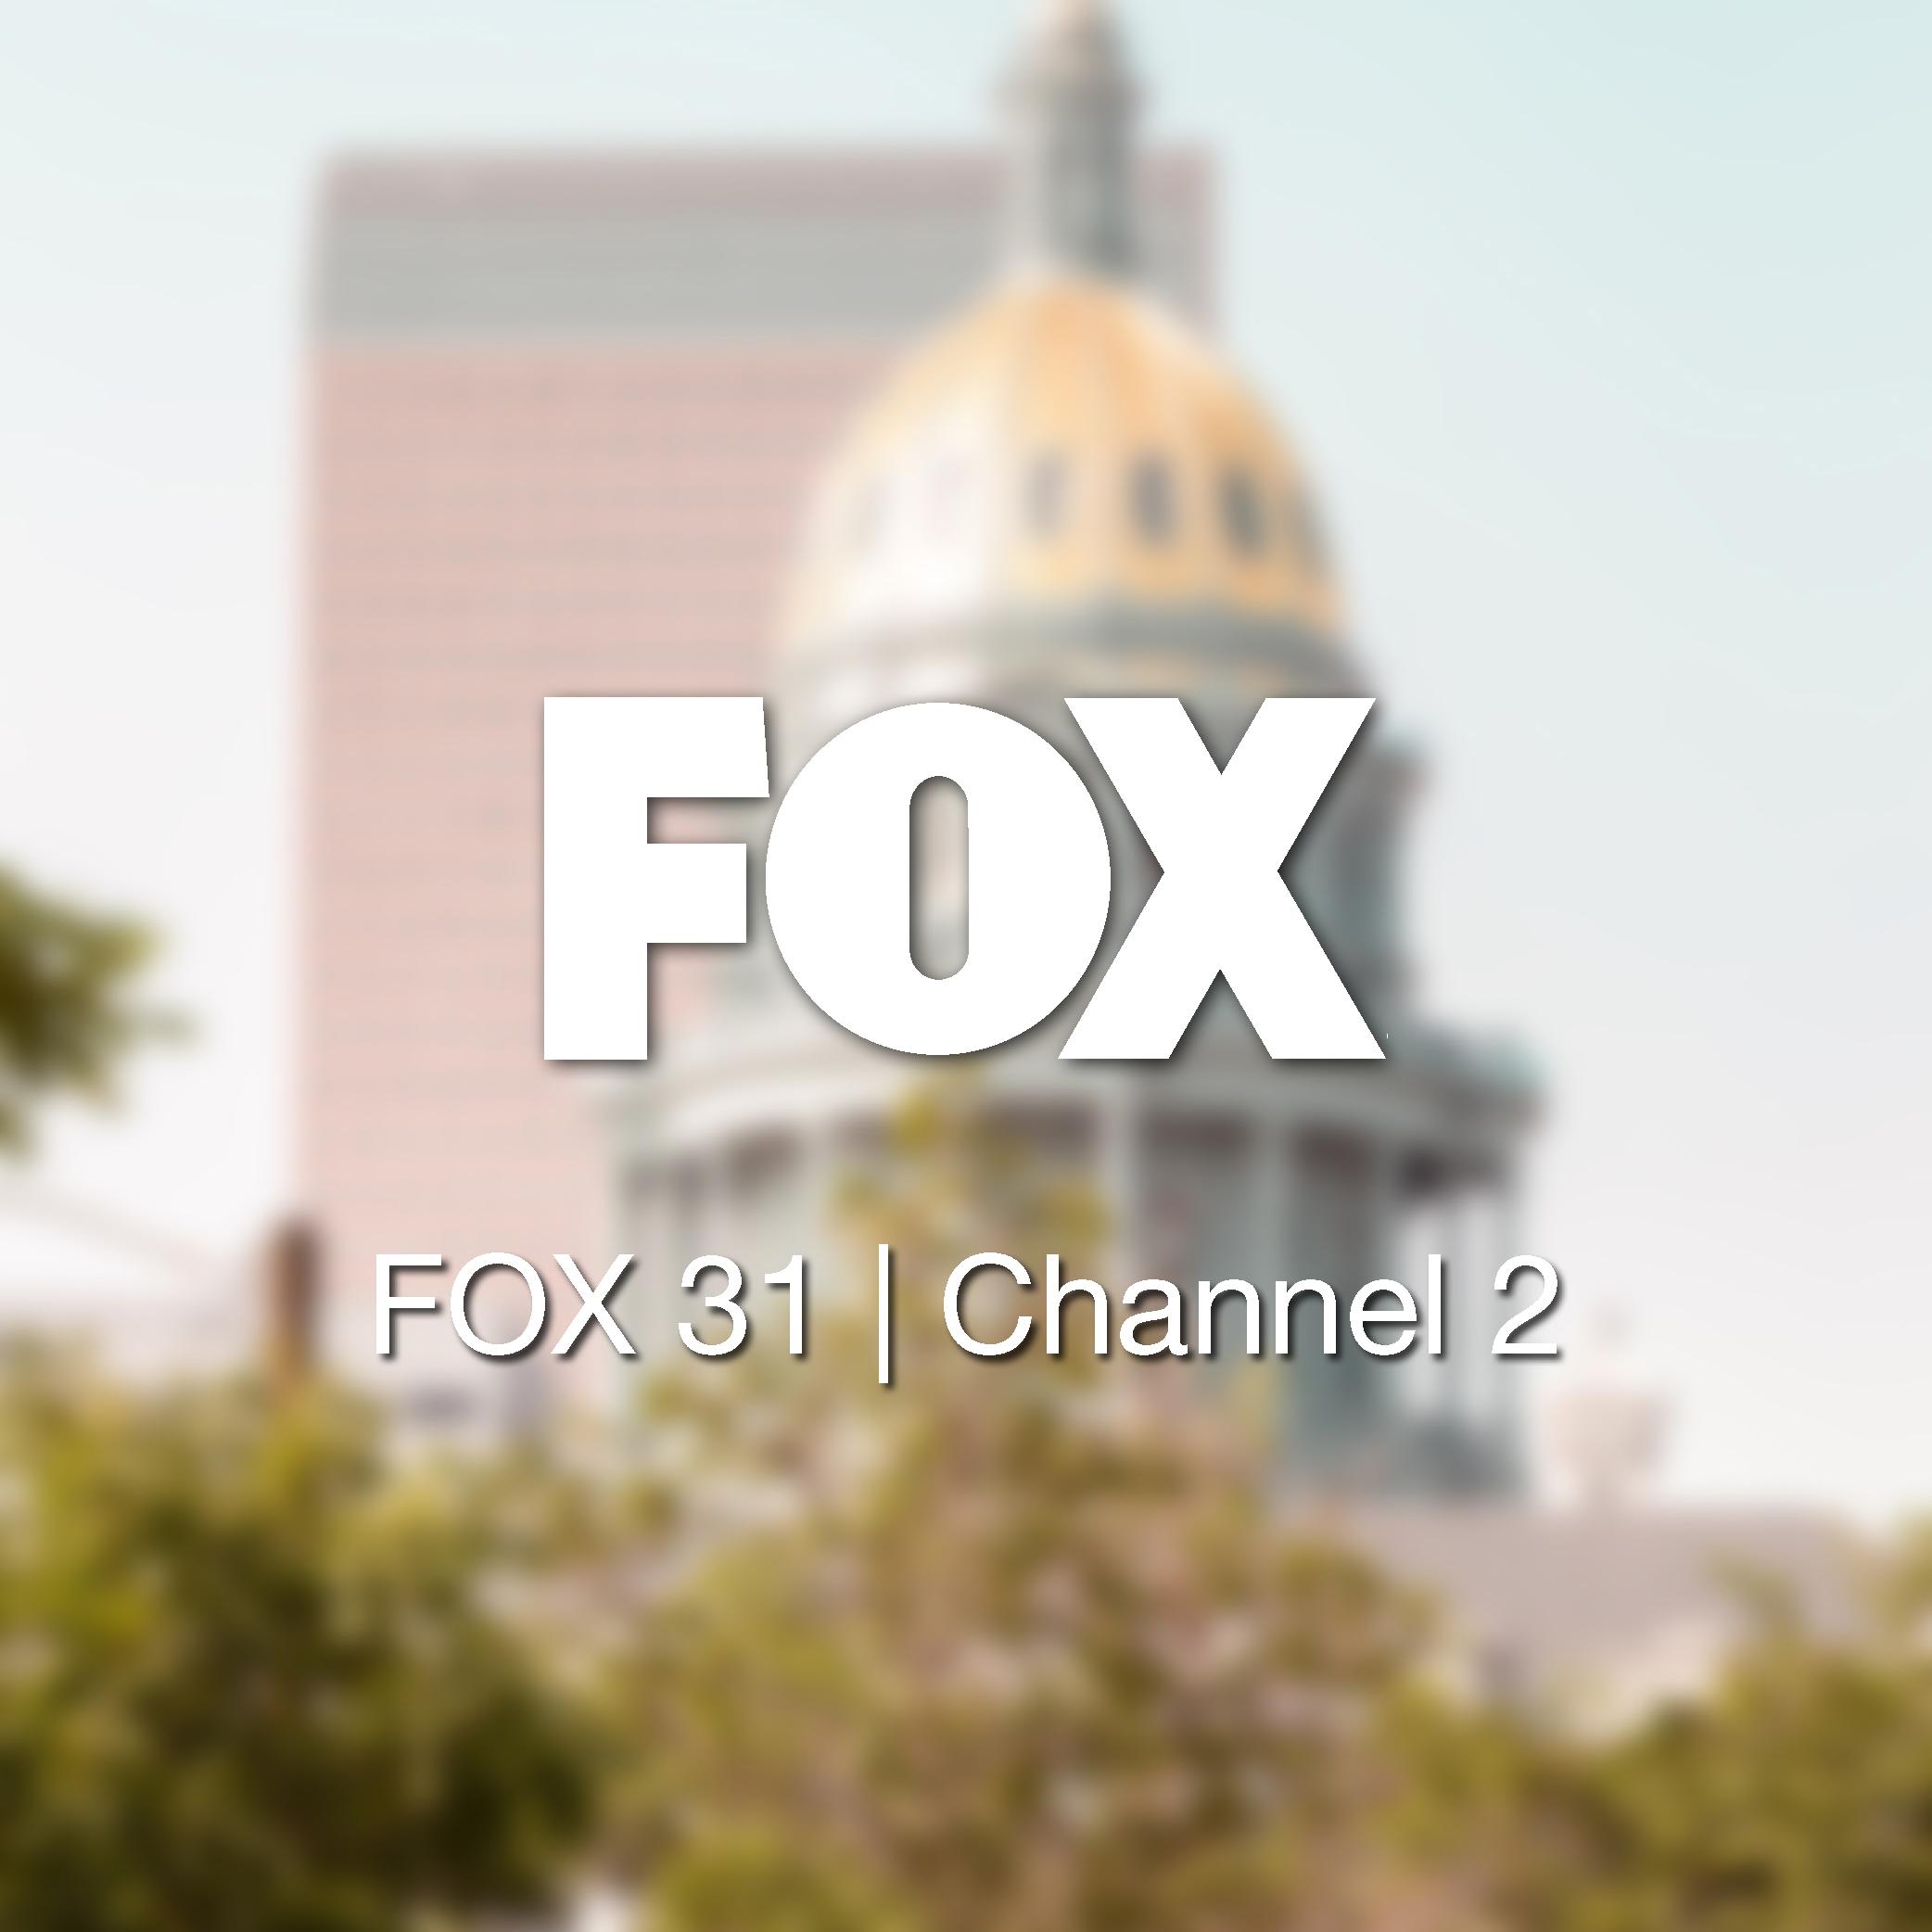 Fox 31 | Channel 2